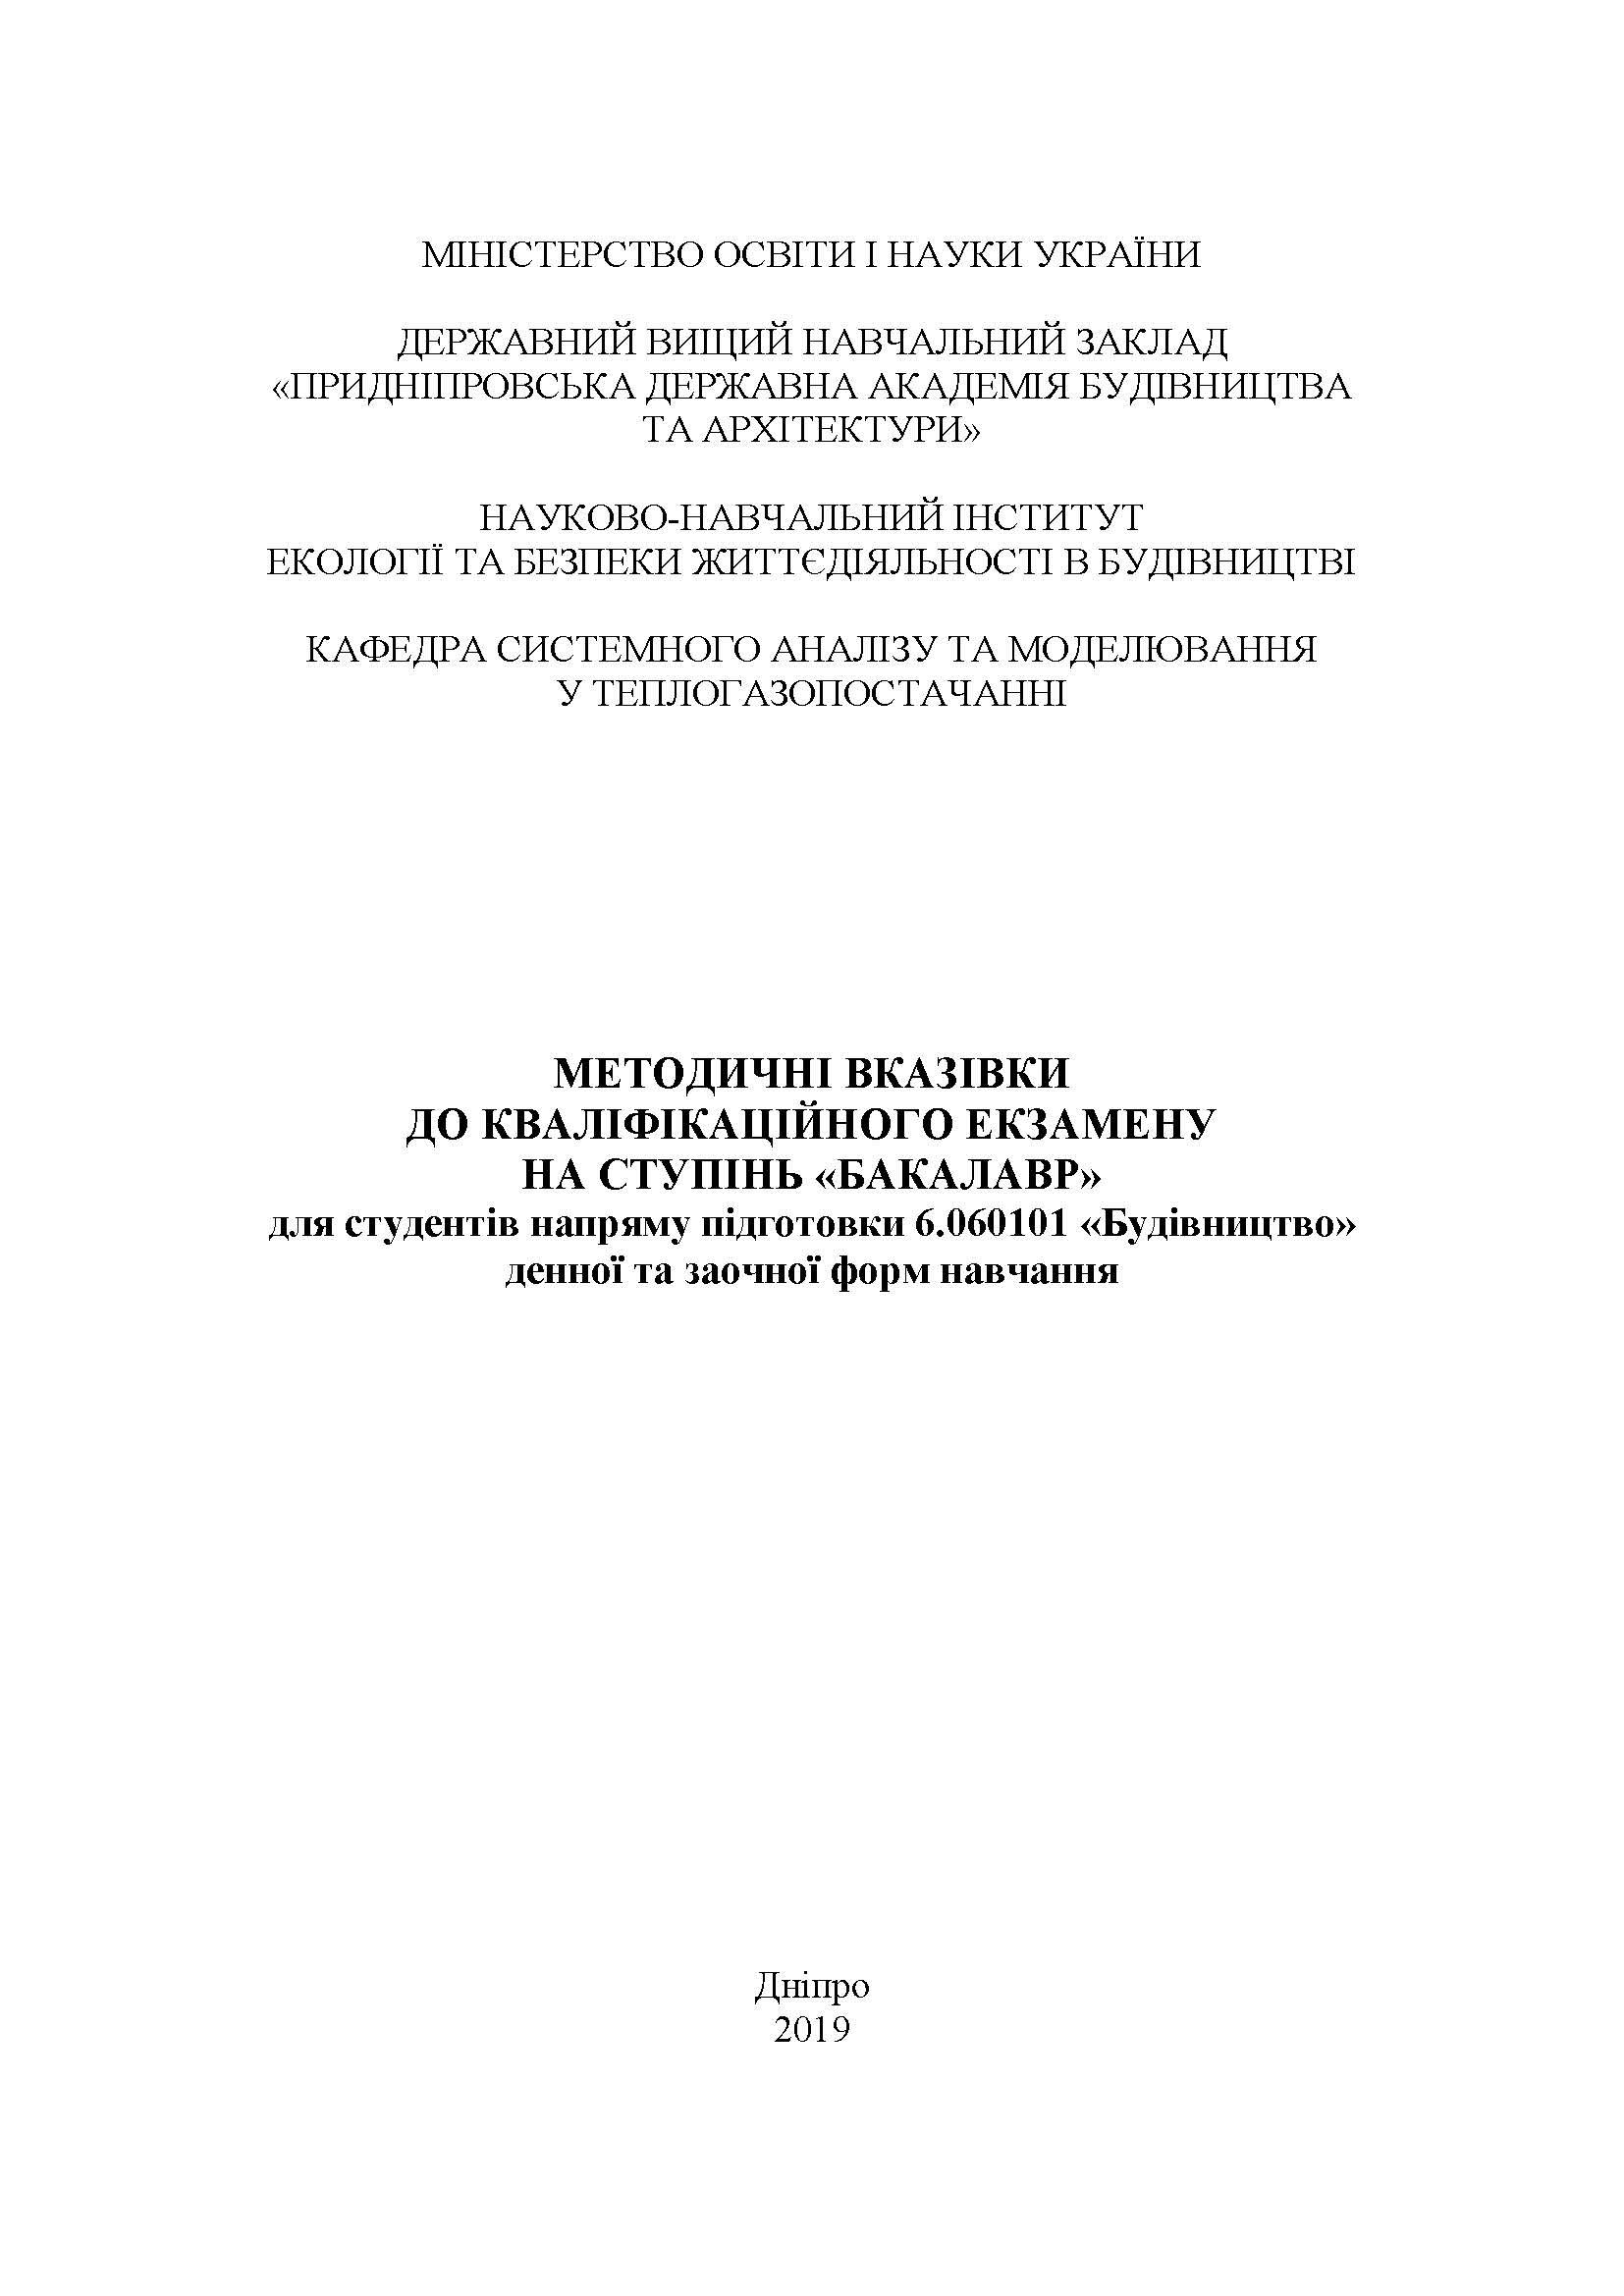 Методичні вказівки до кваліфікаційного екзамену на ступінь «Бакалавр», 2019